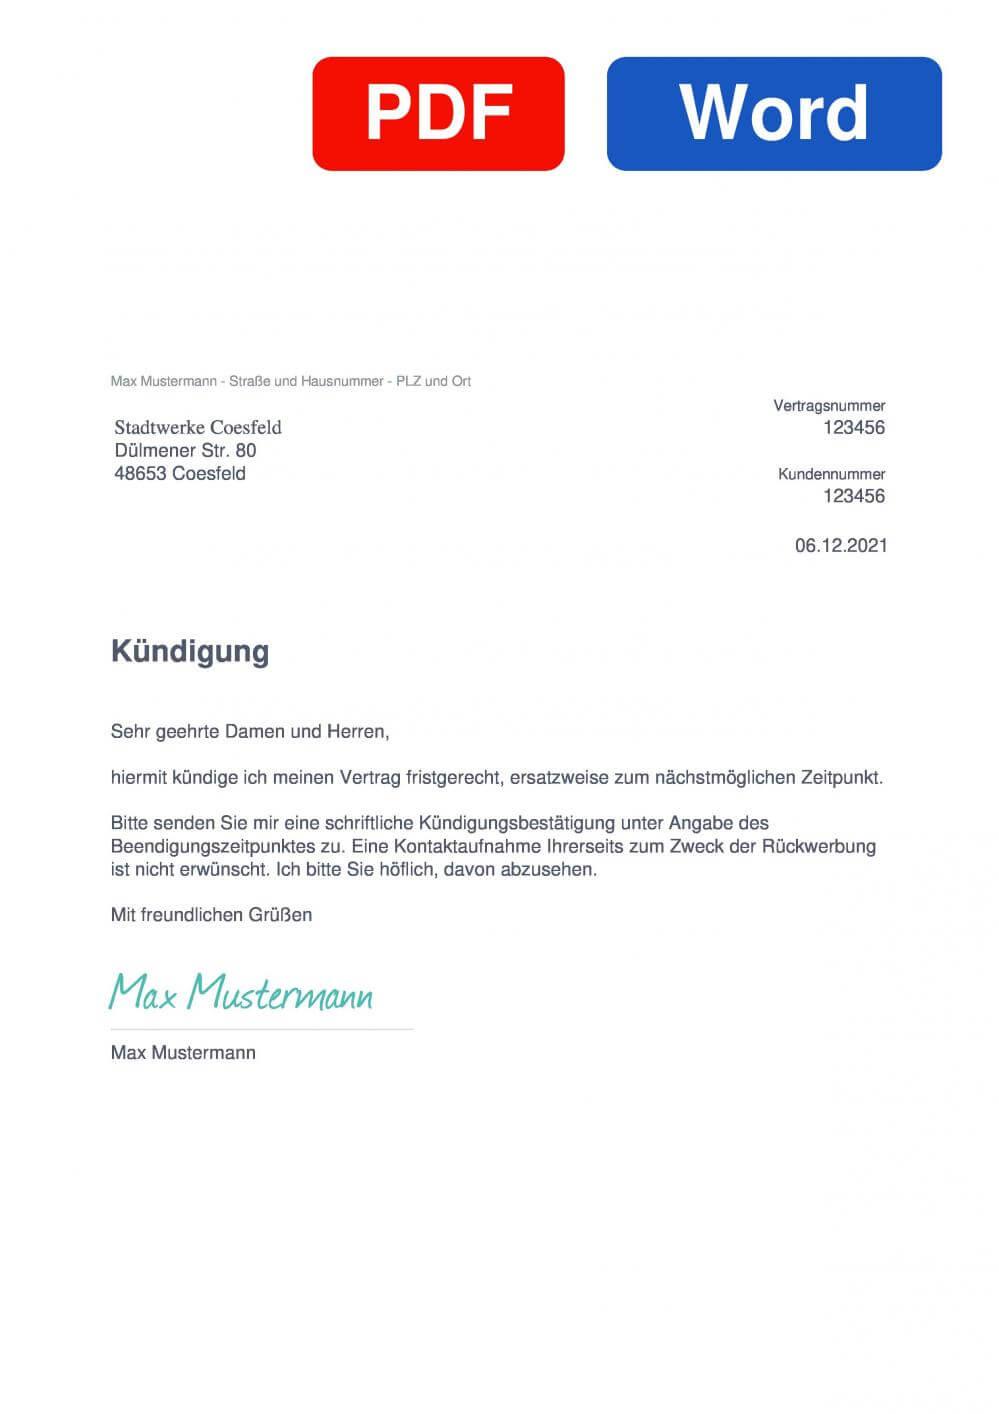 Stadtwerke Coesfeld Muster Vorlage für Kündigungsschreiben